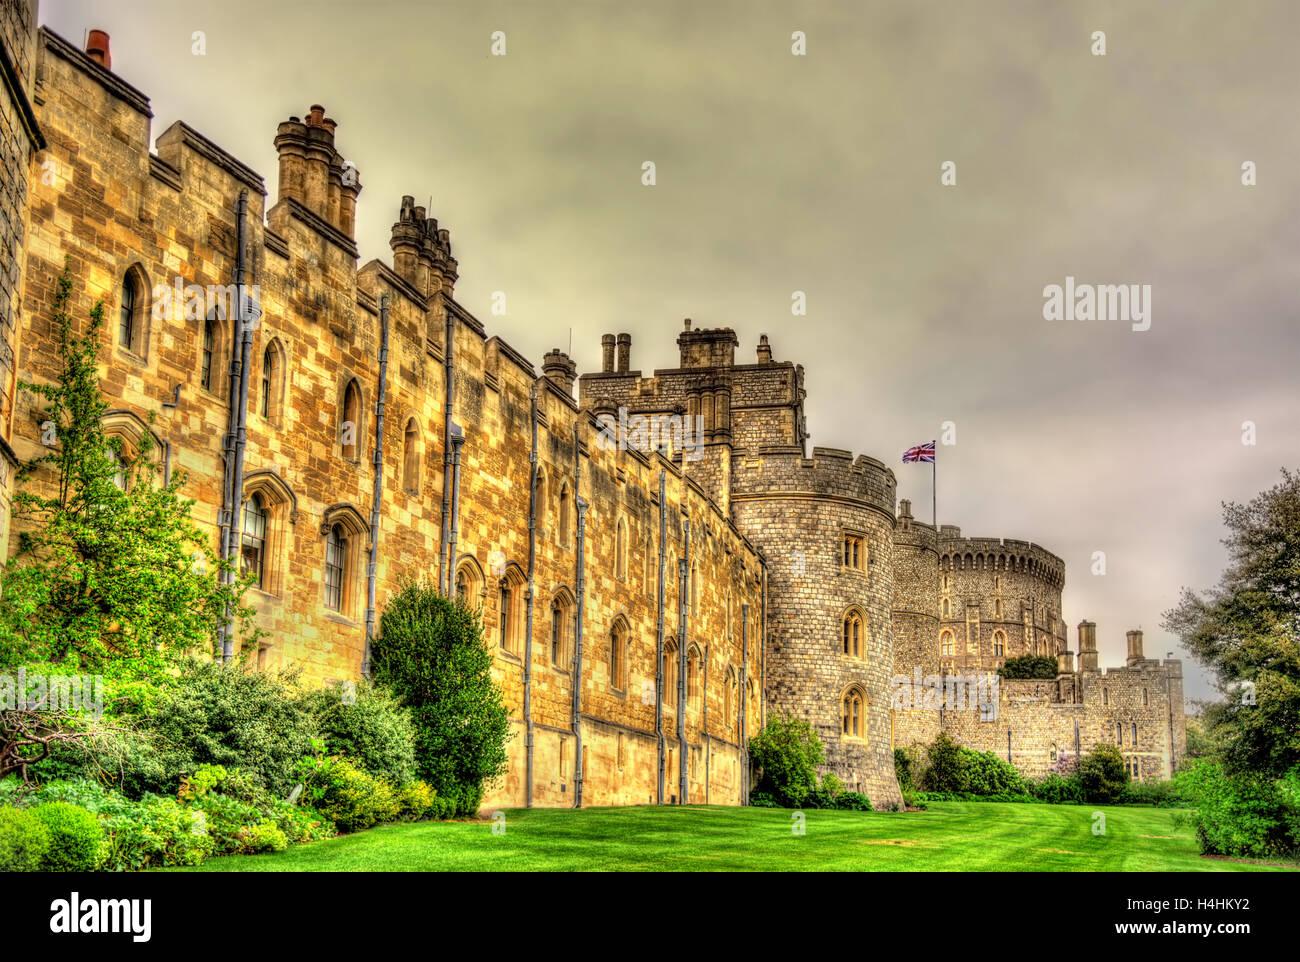 Mauern von Schloss Windsor in der Nähe von London, England Stockbild